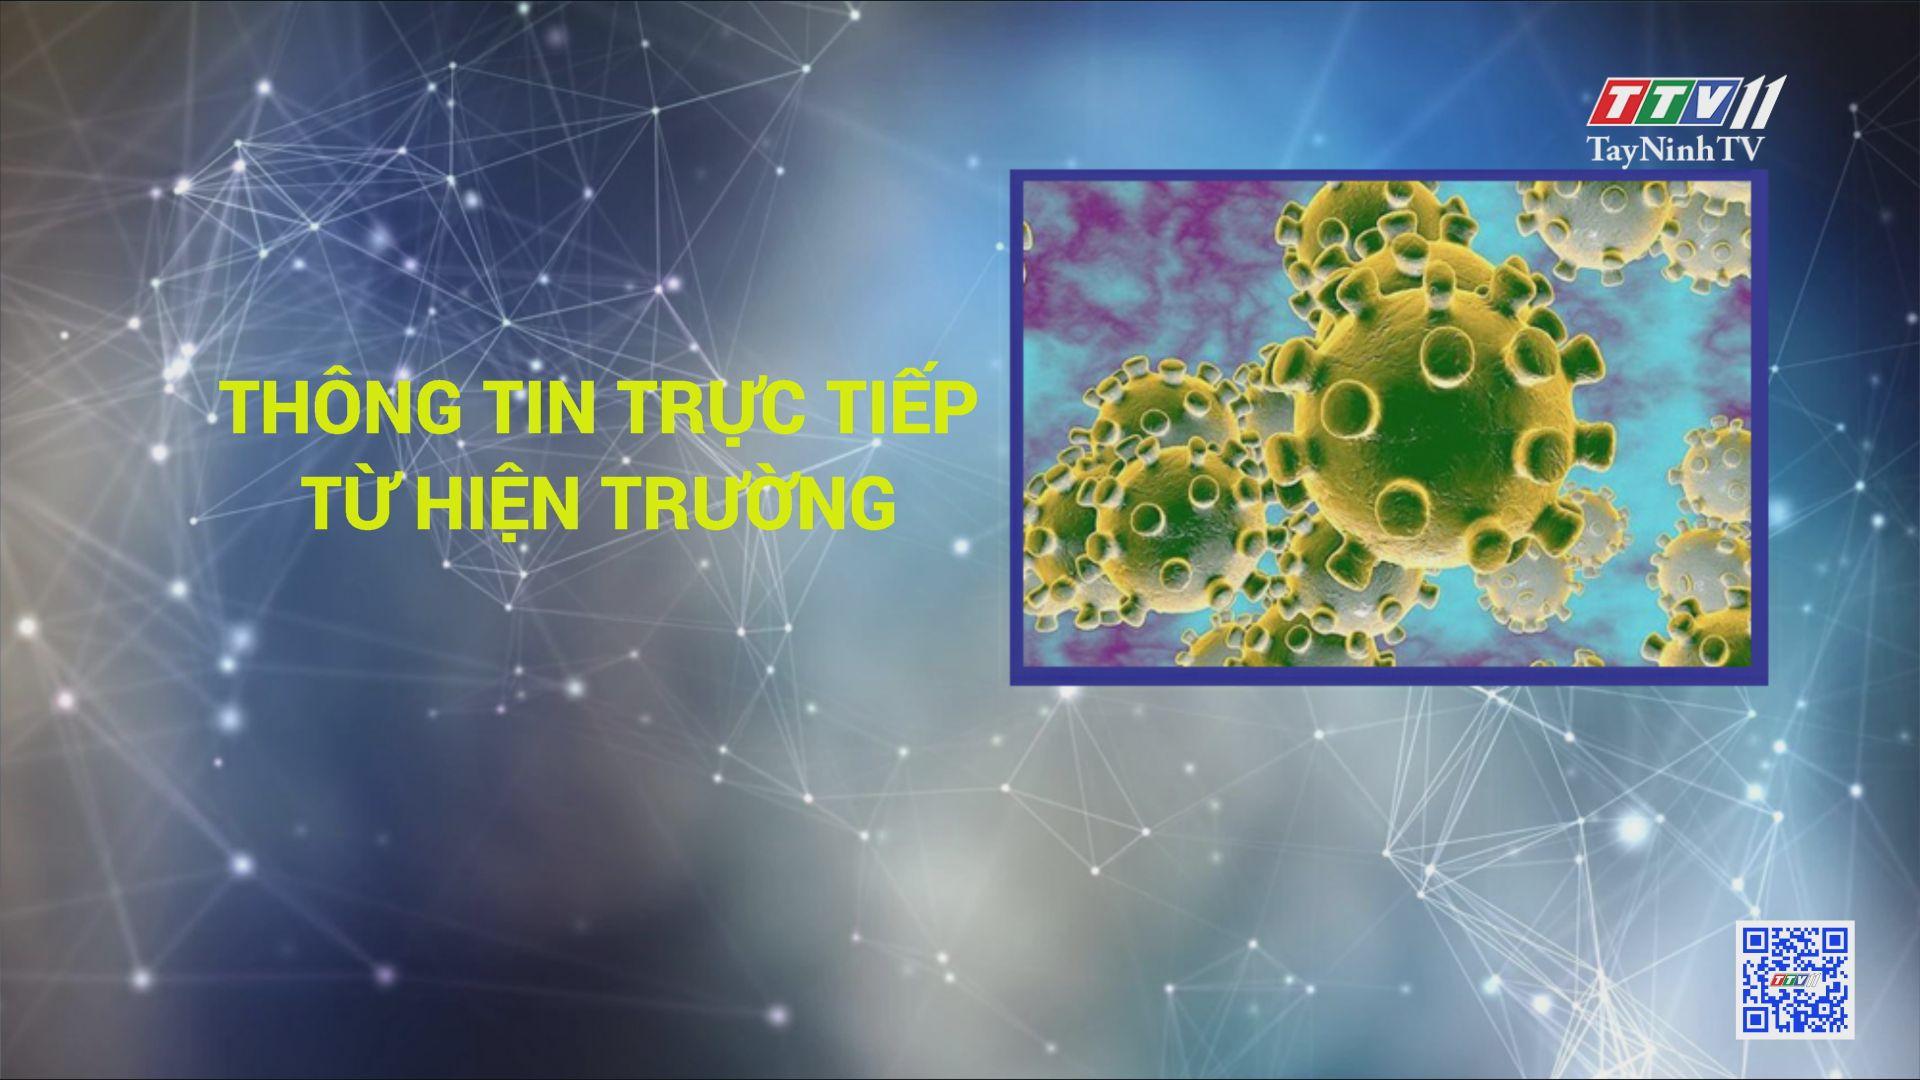 THÔNG TIN TRỰC TIẾP TỪ HIỆN TRƯỜNG   TayNinhTV